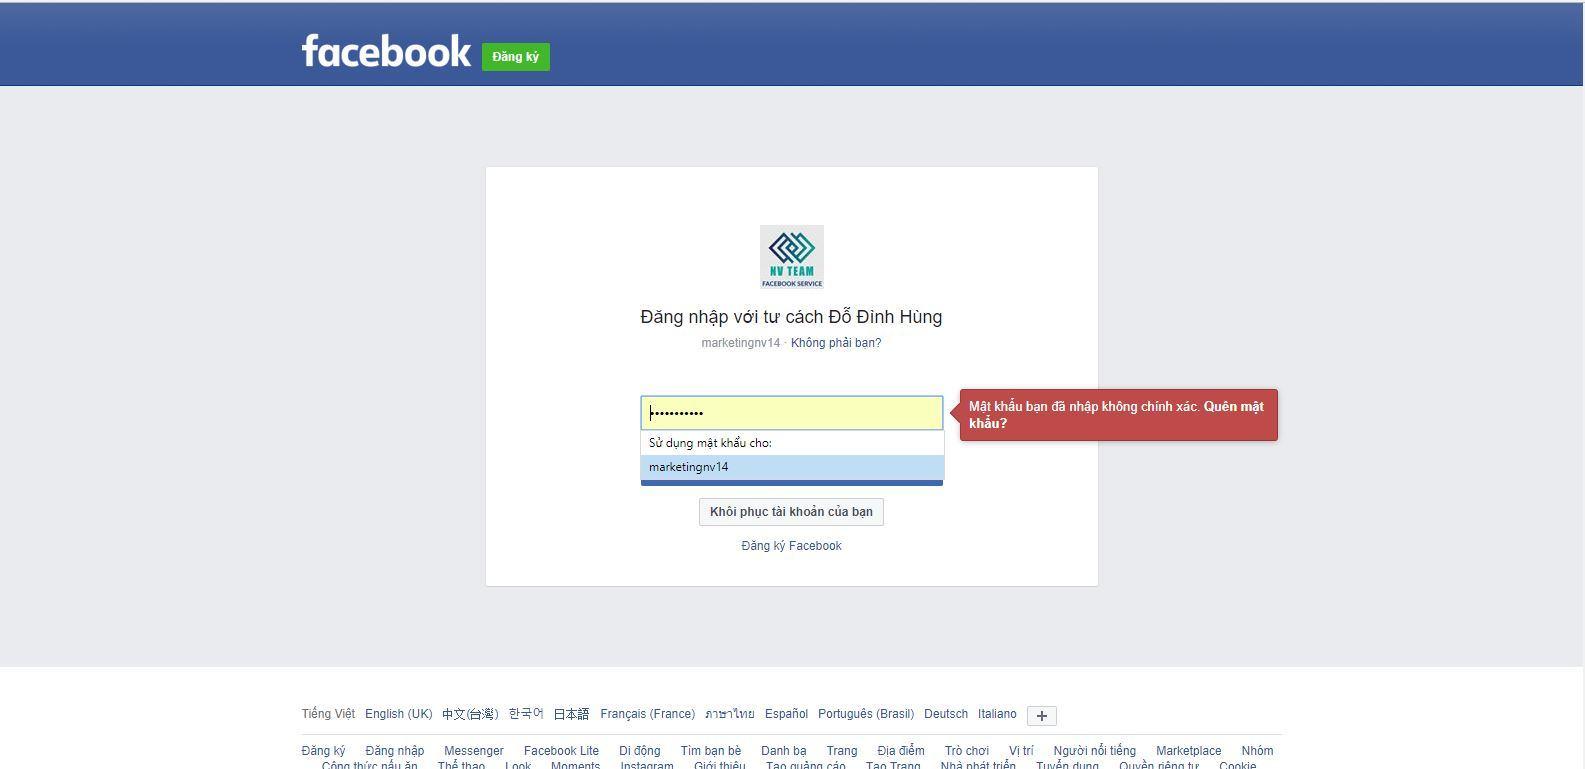 Hỗ trợ lấy lại mật khẩu Facebook nhờ bạn bè tin cậy - image 1-2 on https://atpsoftware.vn